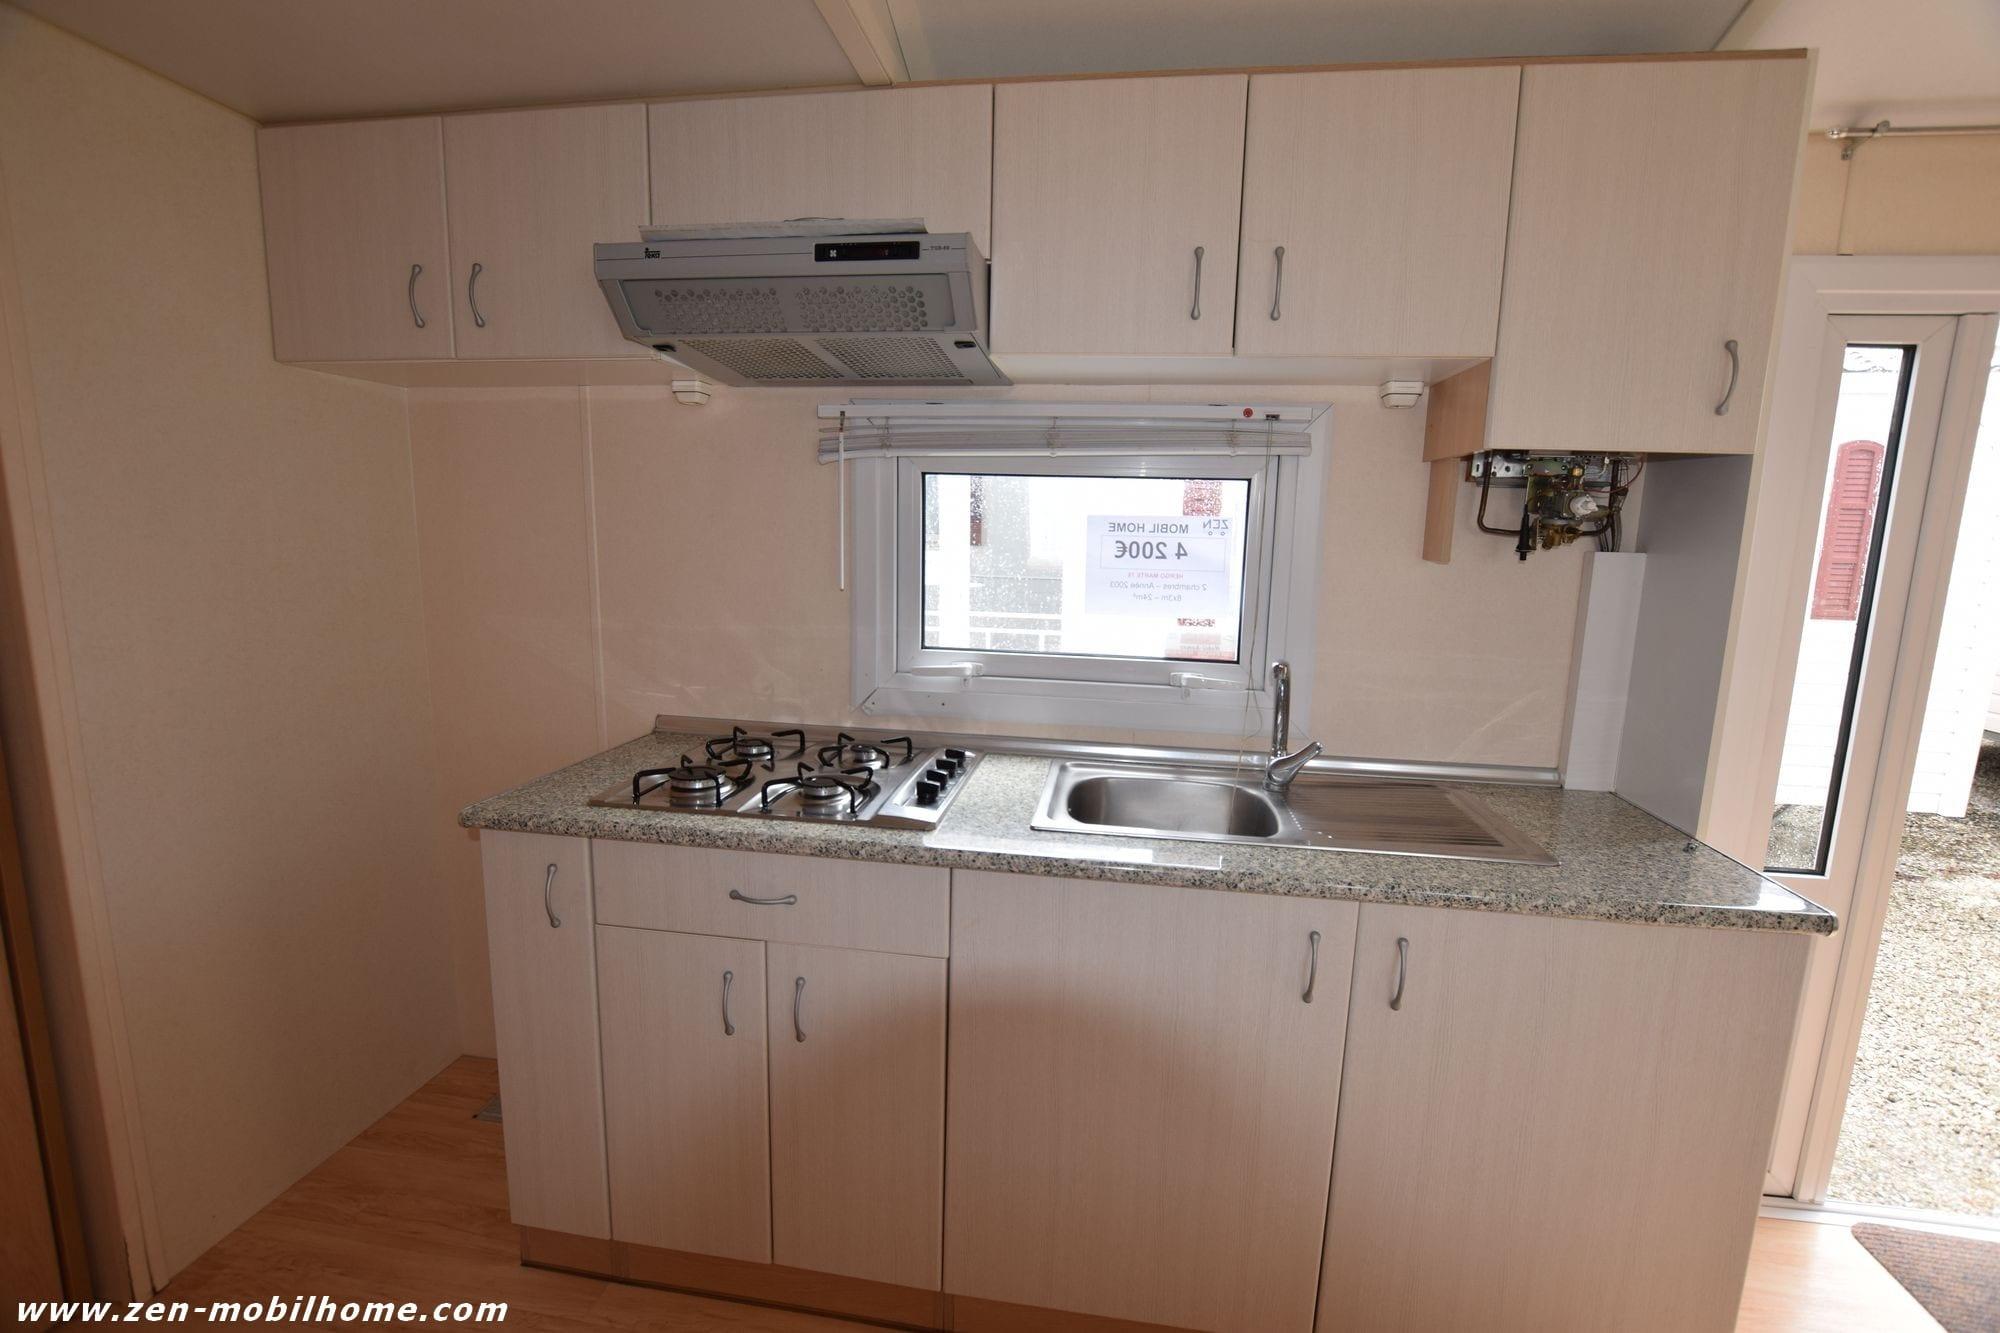 hergo mart 2003 mobil home d 39 occasion 4 200. Black Bedroom Furniture Sets. Home Design Ideas